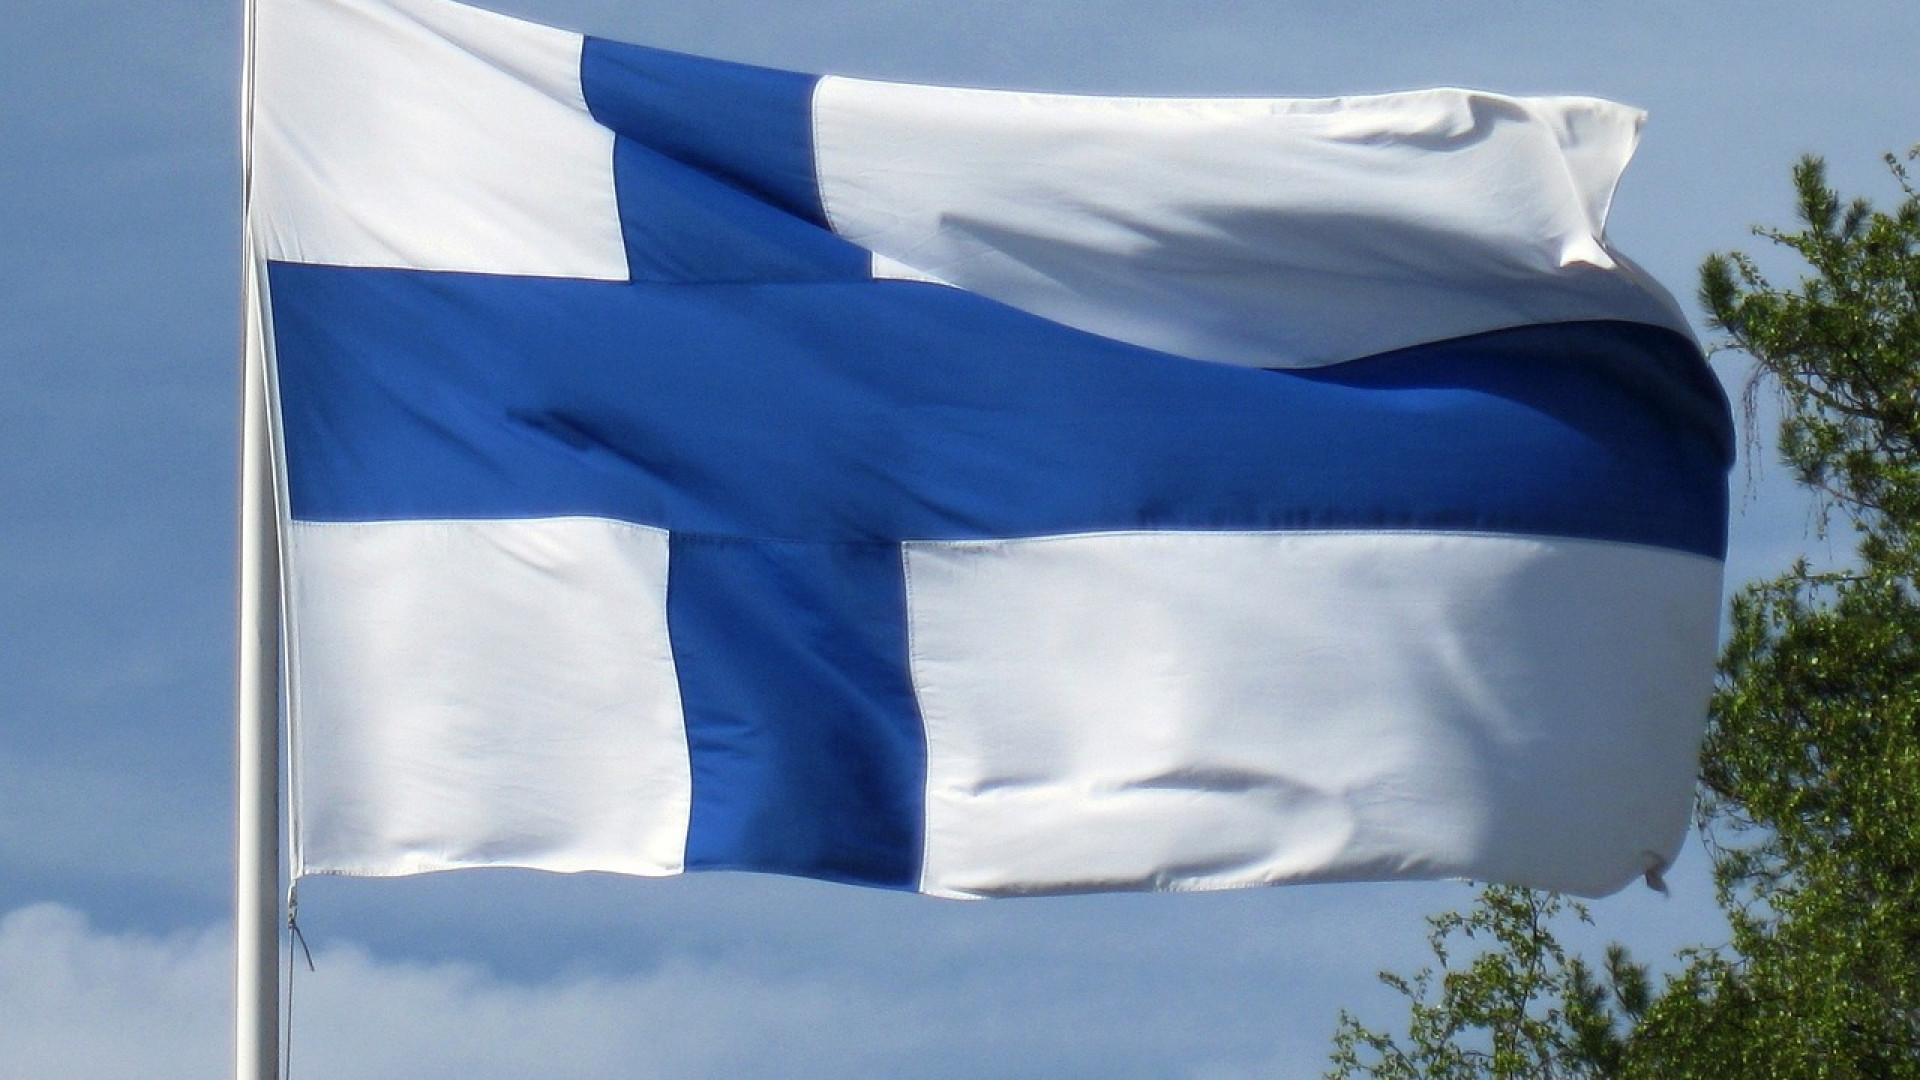 Le jeu des quilles finlandaises : qu'est-ce que c'est ?